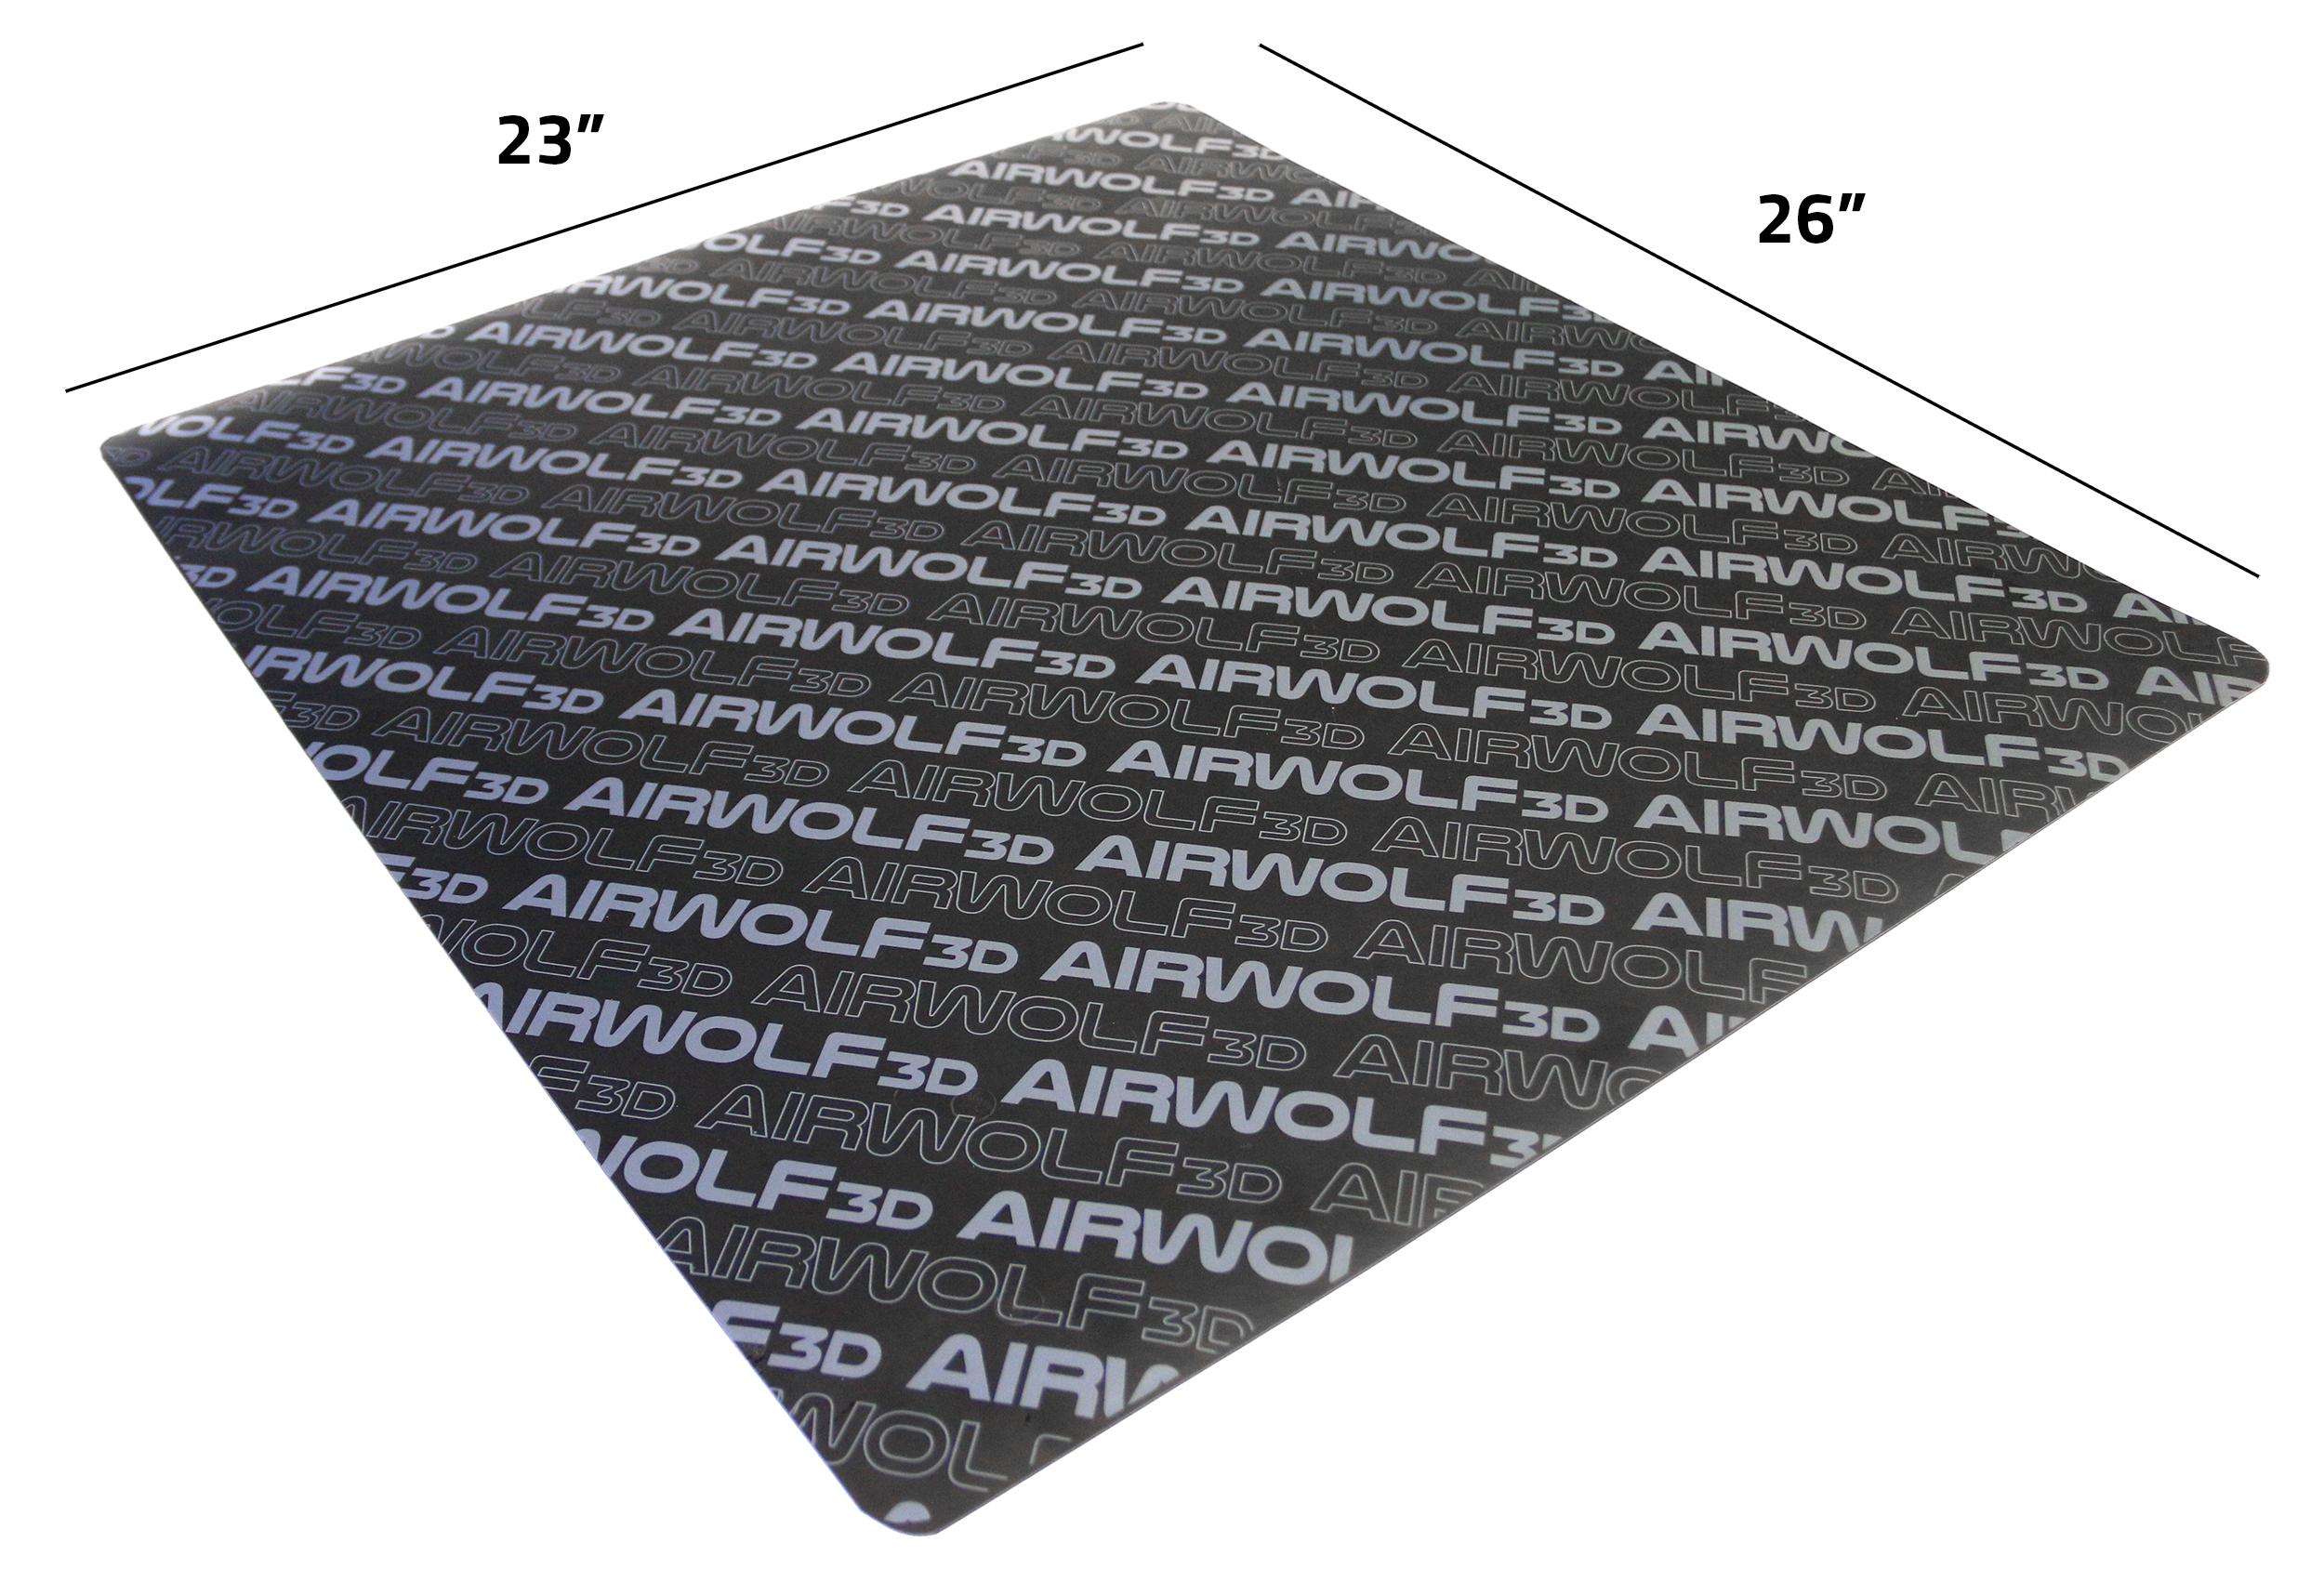 3d printer mat sizes